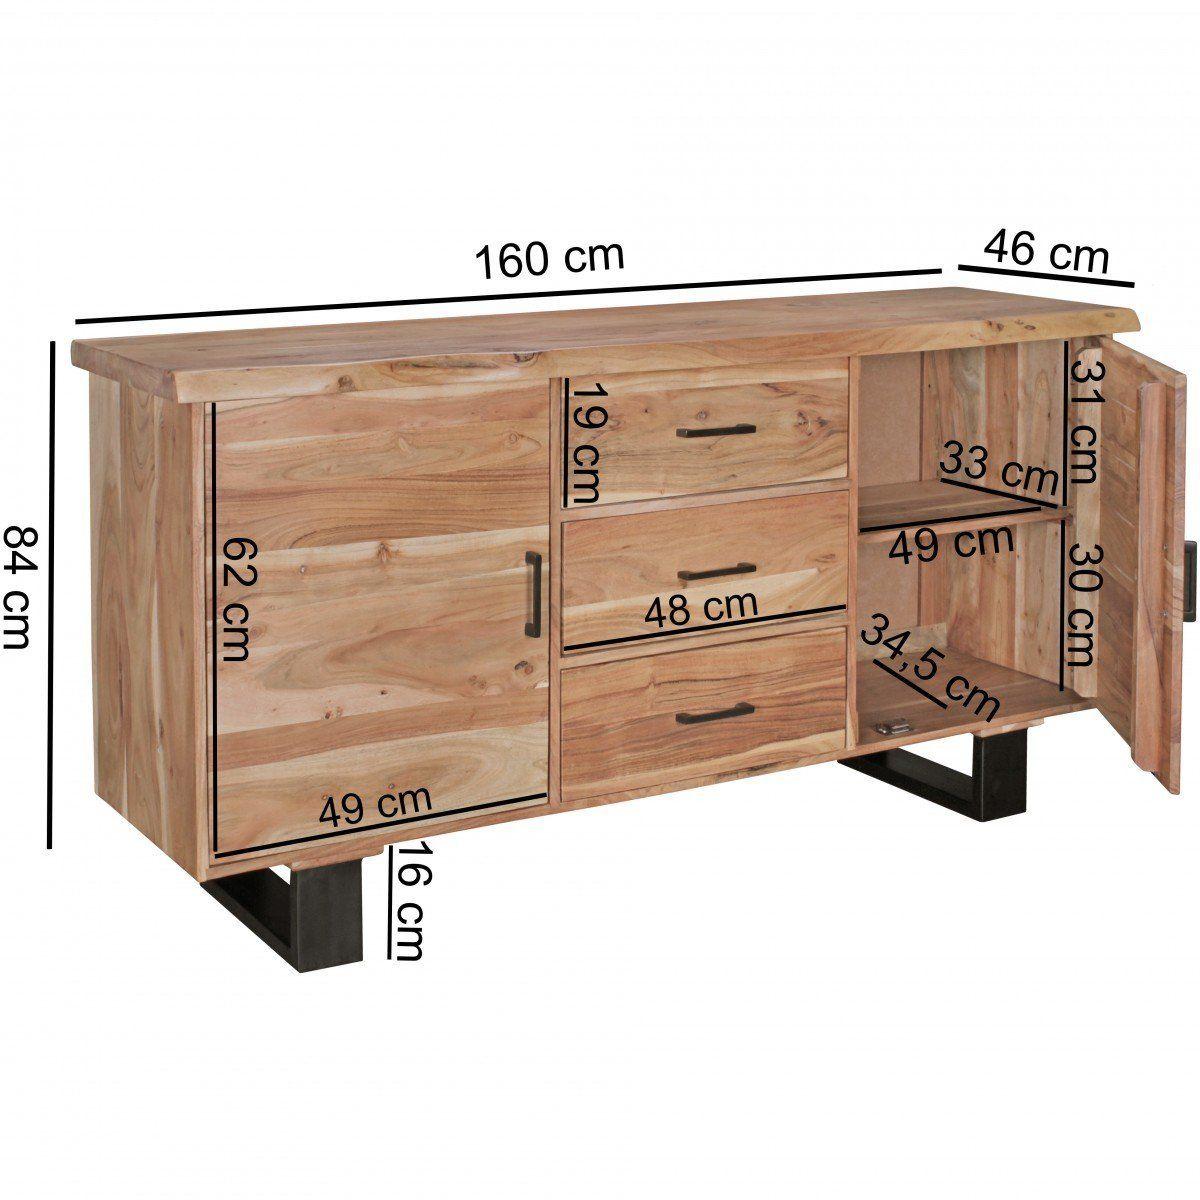 Finebuy Sideboard 160 X 84 X 46 Cm Massiv Holz Akazie Baumkante